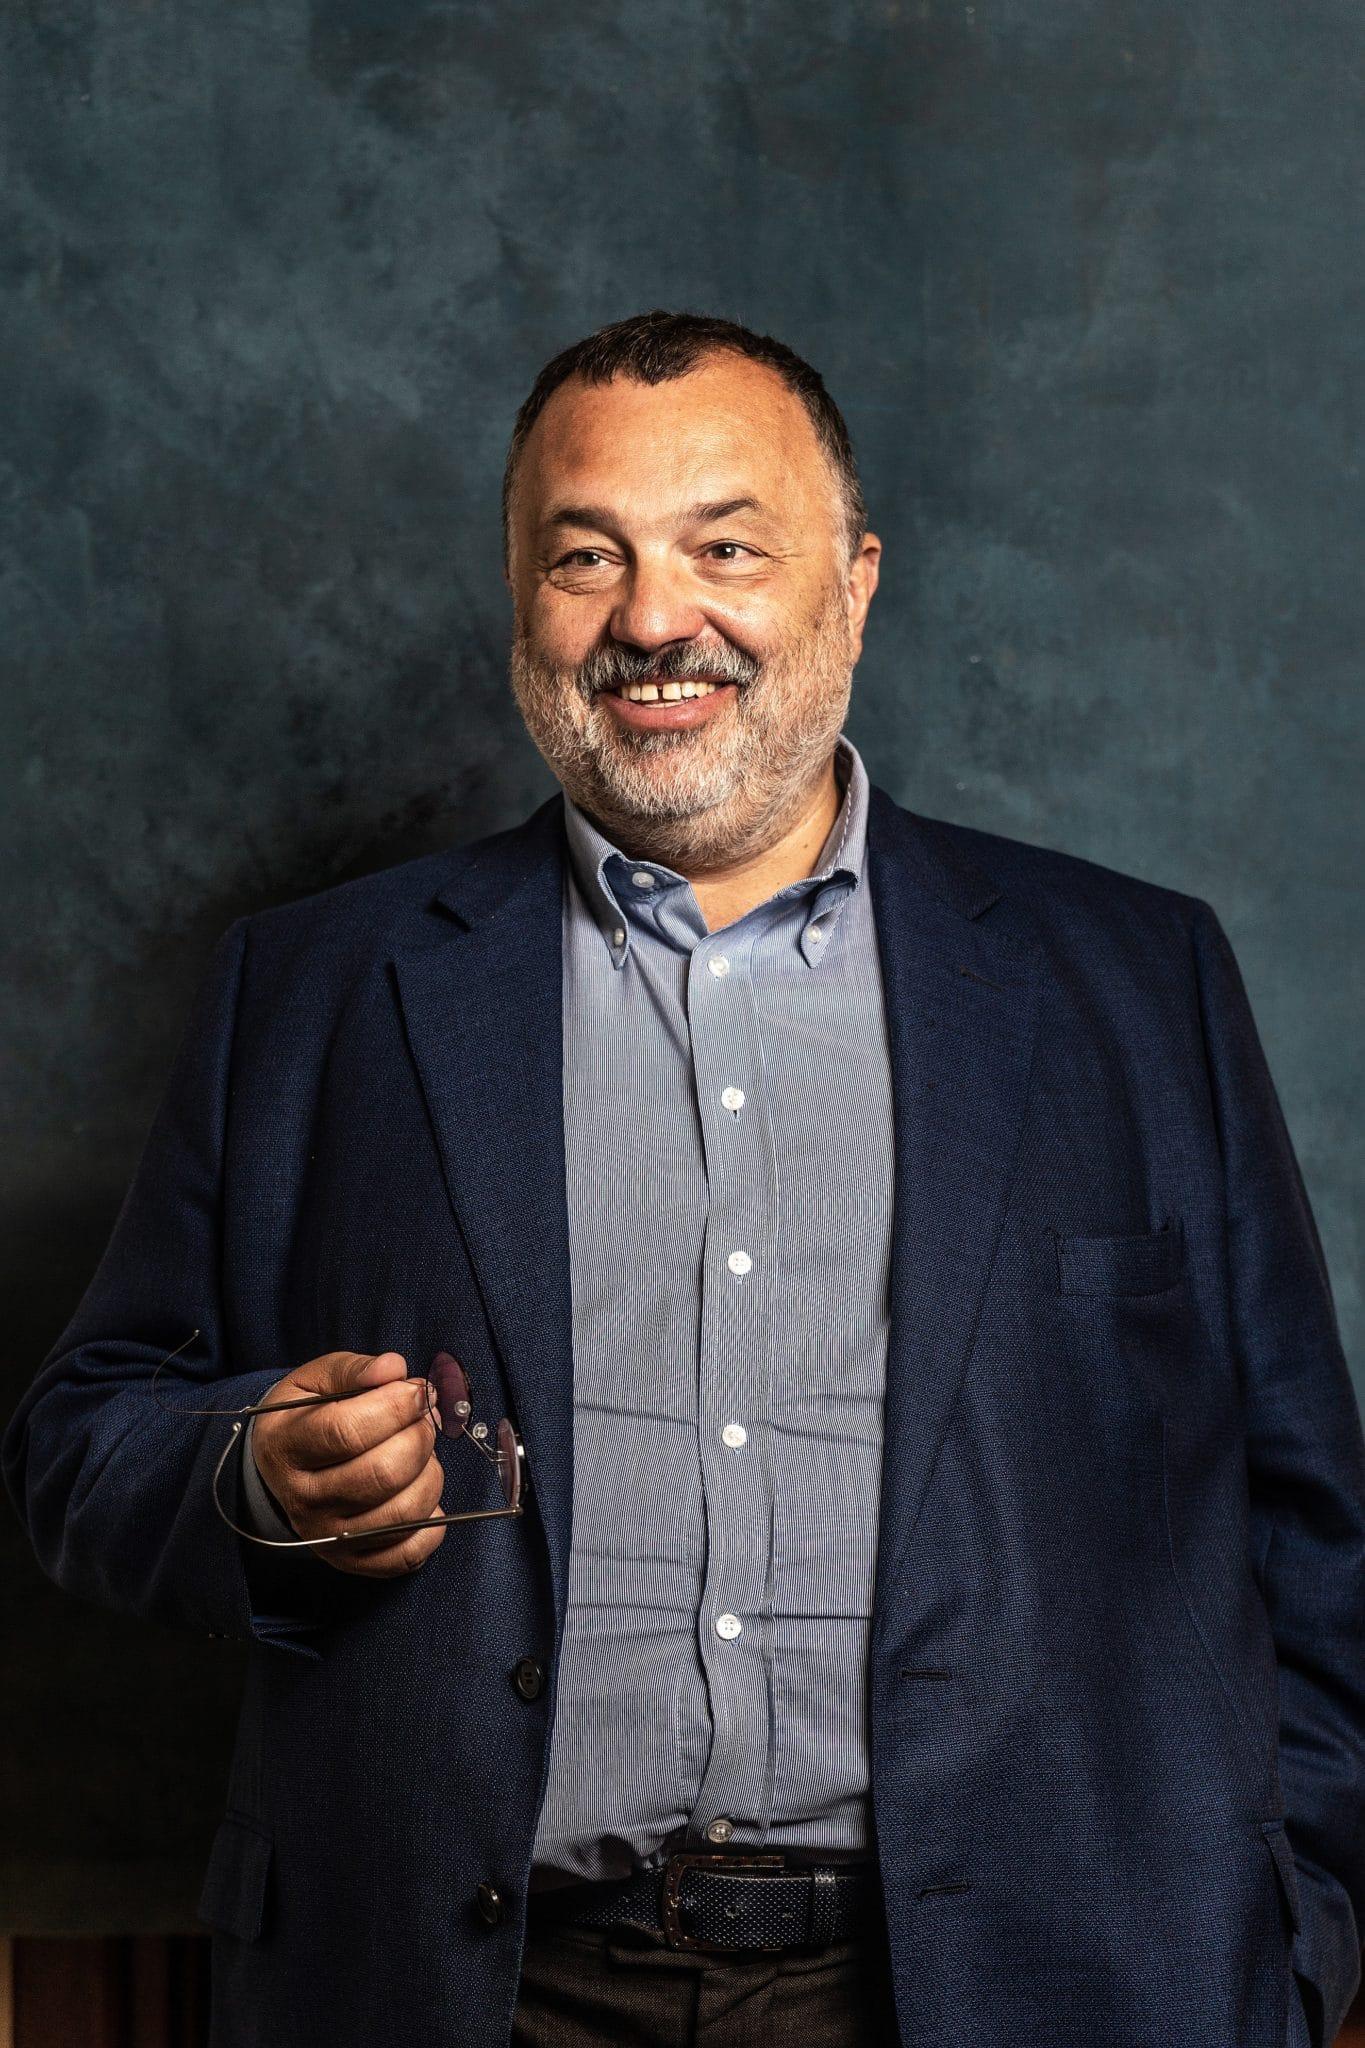 """Руководитель холдинга """"Группа ИМА"""" Андрей Гнатюк"""